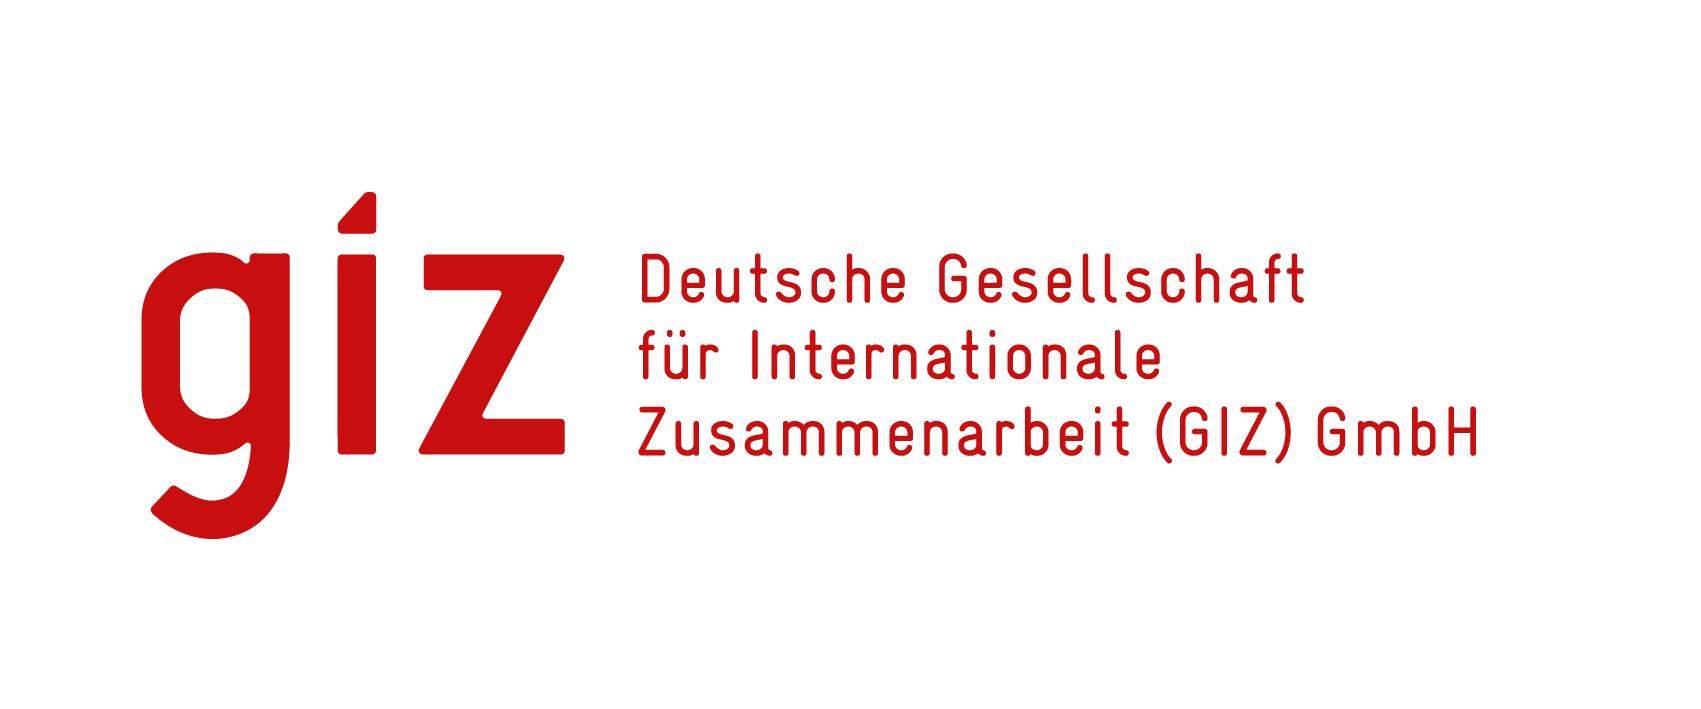 Deutsche Gesellschaft für Internationale Zusammenarbeit – GIZ